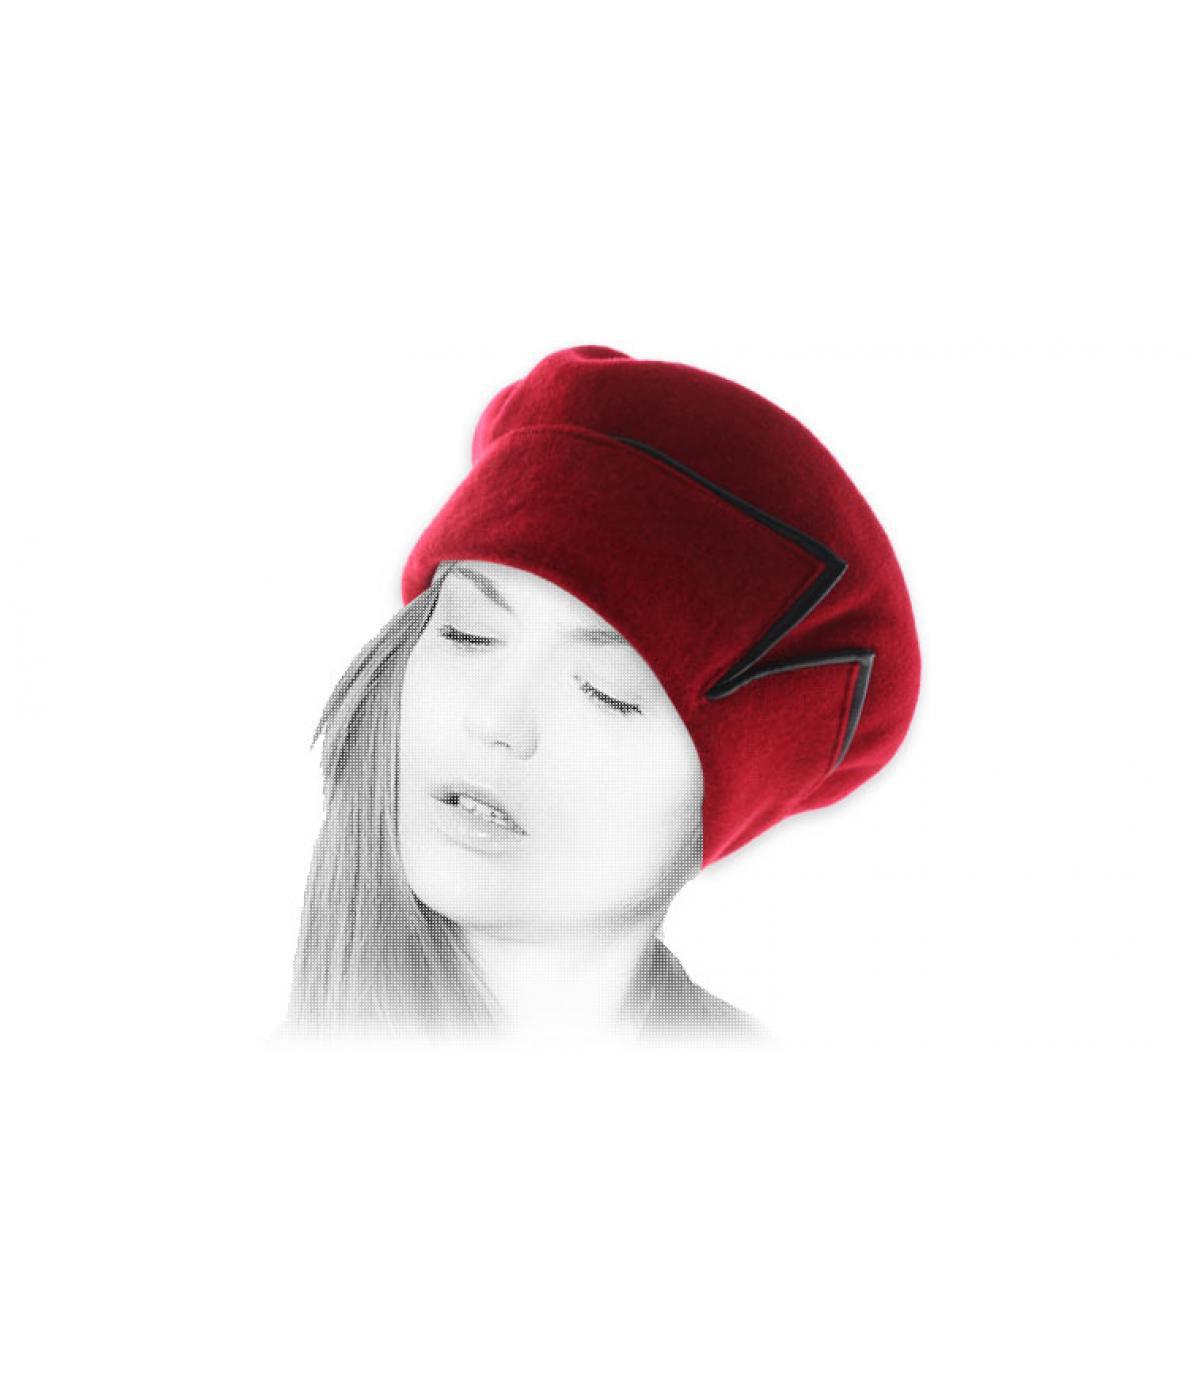 berretto rosso bracciale in pelle nera